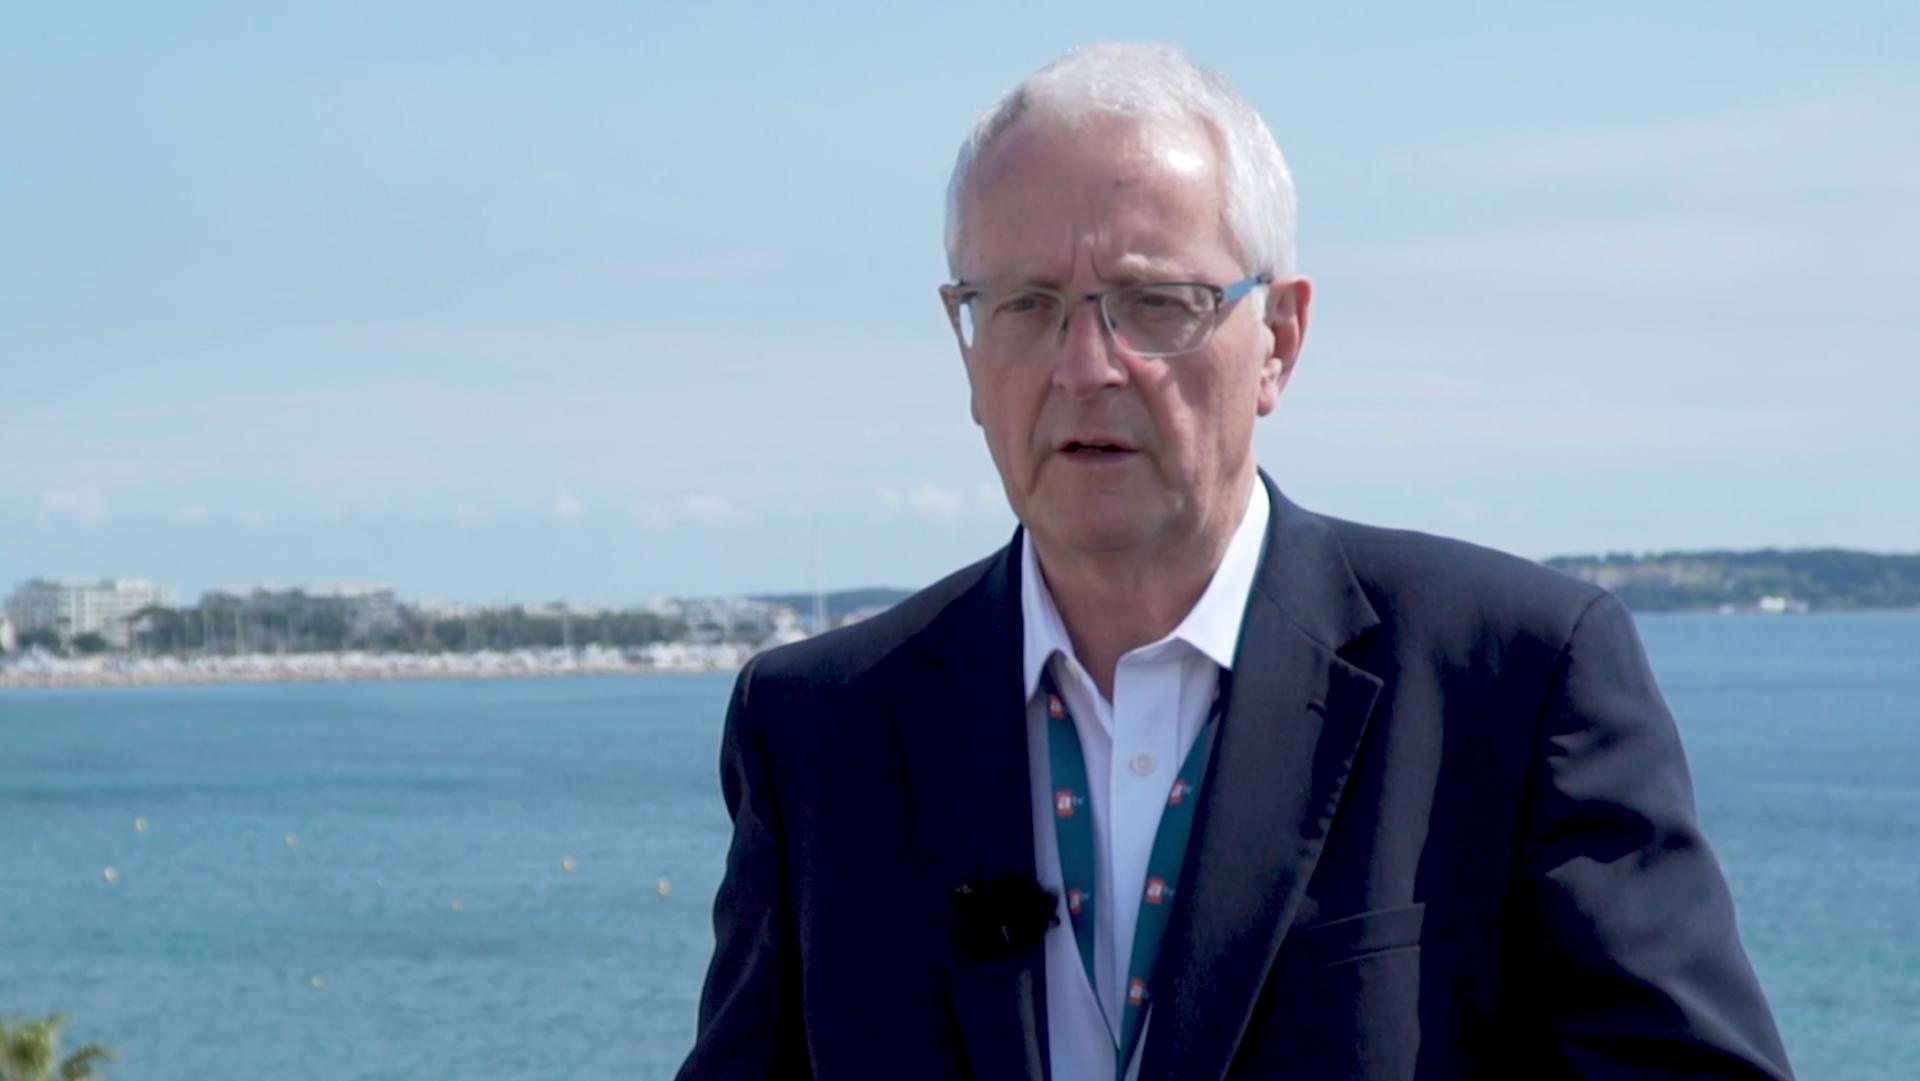 John Gough nous raconte l'évolution du MIPTV au cours de ces dernières années